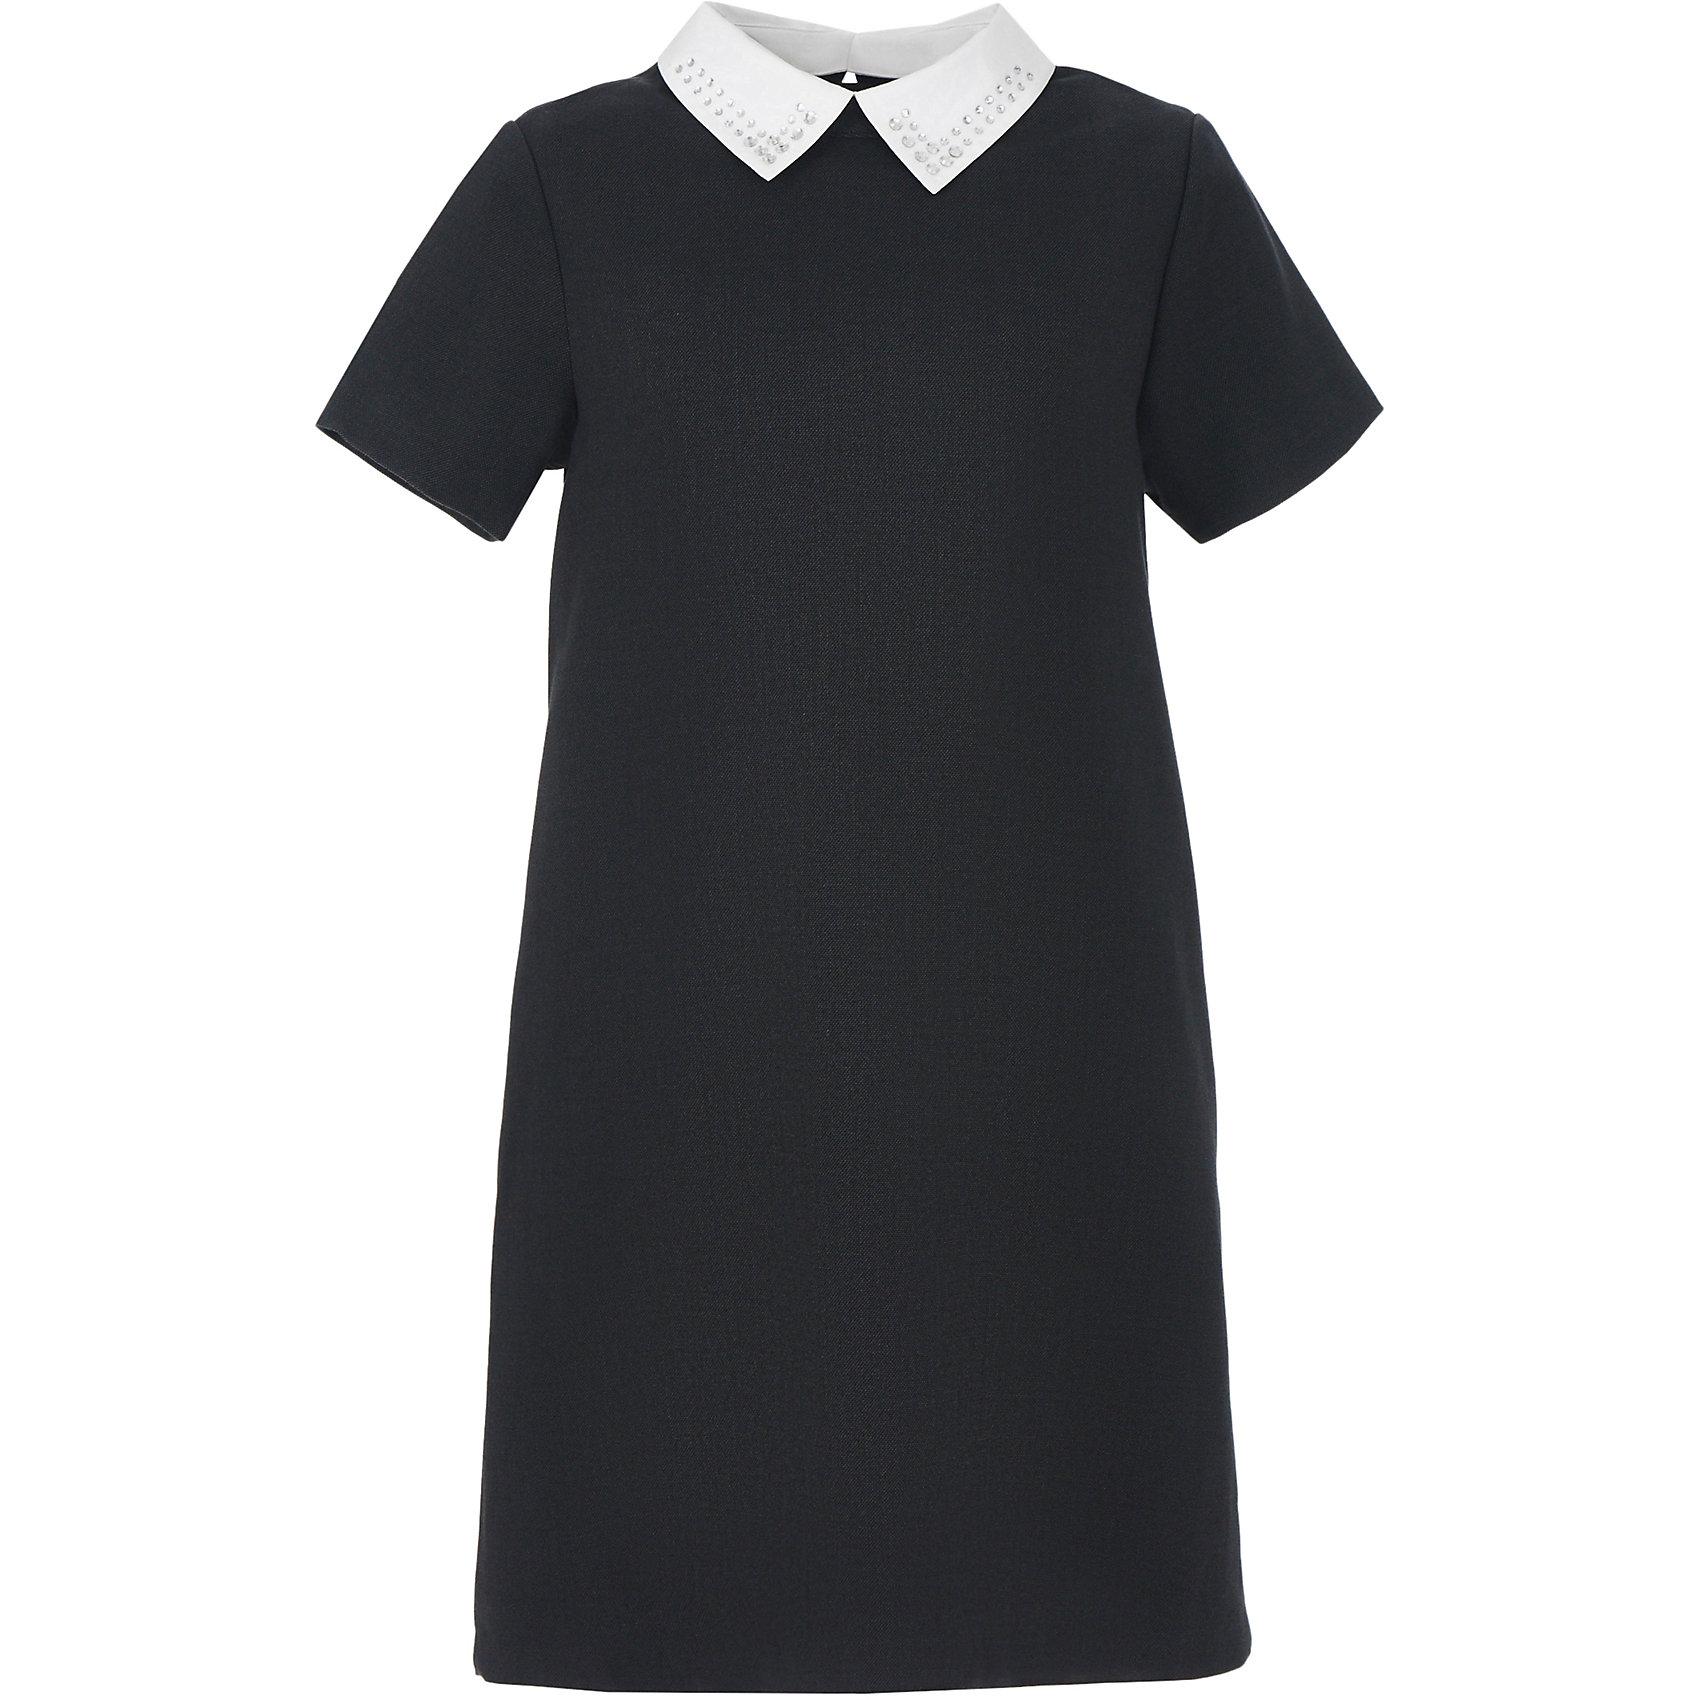 Платье для девочки GulliverПлатья и сарафаны<br>Характеристики товара:<br><br>• цвет: серое<br>• состав: 58% полиэстер, 31% вискоза, 10% шерсть, 1% эластан<br>• подкладка: 52% полиэстер, 48% вискоза <br>• застежка: молния<br>• с коротким рукавом<br>• отстегивающийся воротник со стразами<br>• карманы в боковых швах<br>• трапециевидный силуэт<br>• особенности: школьное, строгое<br>• страна бренда: Российская Федерация<br>• страна производства: Российская Федерация<br><br>Школьное платье с коротким рукавом для девочки. Строго серое платье застгивается на молнию на спине. Два кармана в боковых швах. Платье декорировано съемным белым воротничком со стразами. <br><br>Платье для девочки Gulliver (Гулливер) можно купить в нашем интернет-магазине.<br><br>Ширина мм: 236<br>Глубина мм: 16<br>Высота мм: 184<br>Вес г: 177<br>Цвет: серый<br>Возраст от месяцев: 168<br>Возраст до месяцев: 180<br>Пол: Женский<br>Возраст: Детский<br>Размер: 170,122,146,128,134,140,152,158,164<br>SKU: 6678836